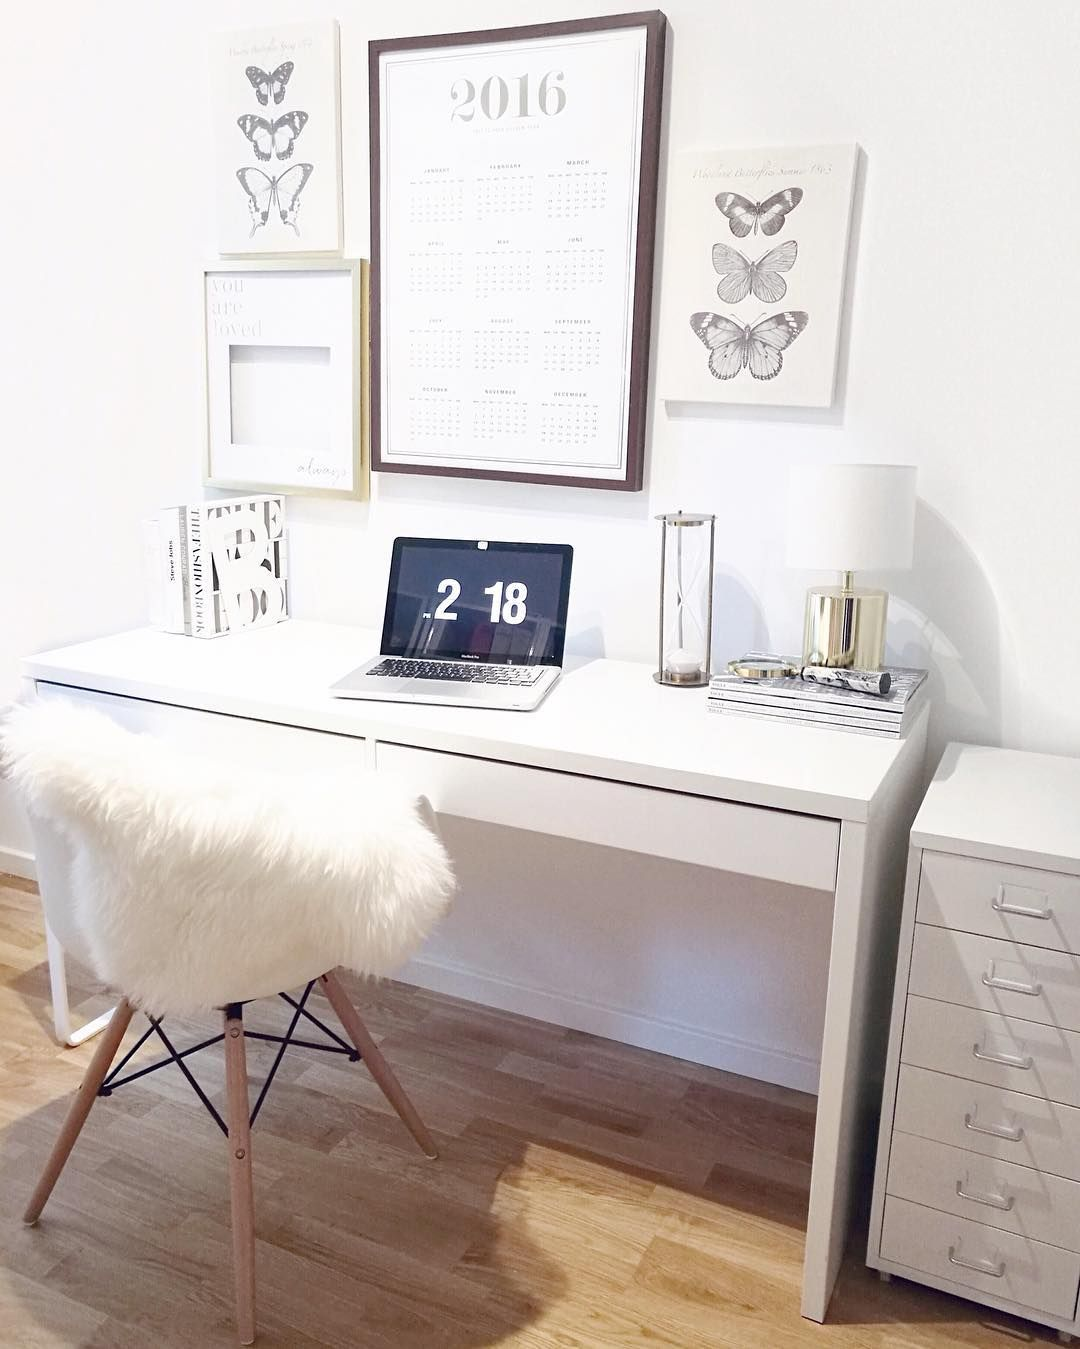 ein heller aufger umter arbeitsplatz working pinterest buero arbeitszimmer und schreibtisch. Black Bedroom Furniture Sets. Home Design Ideas